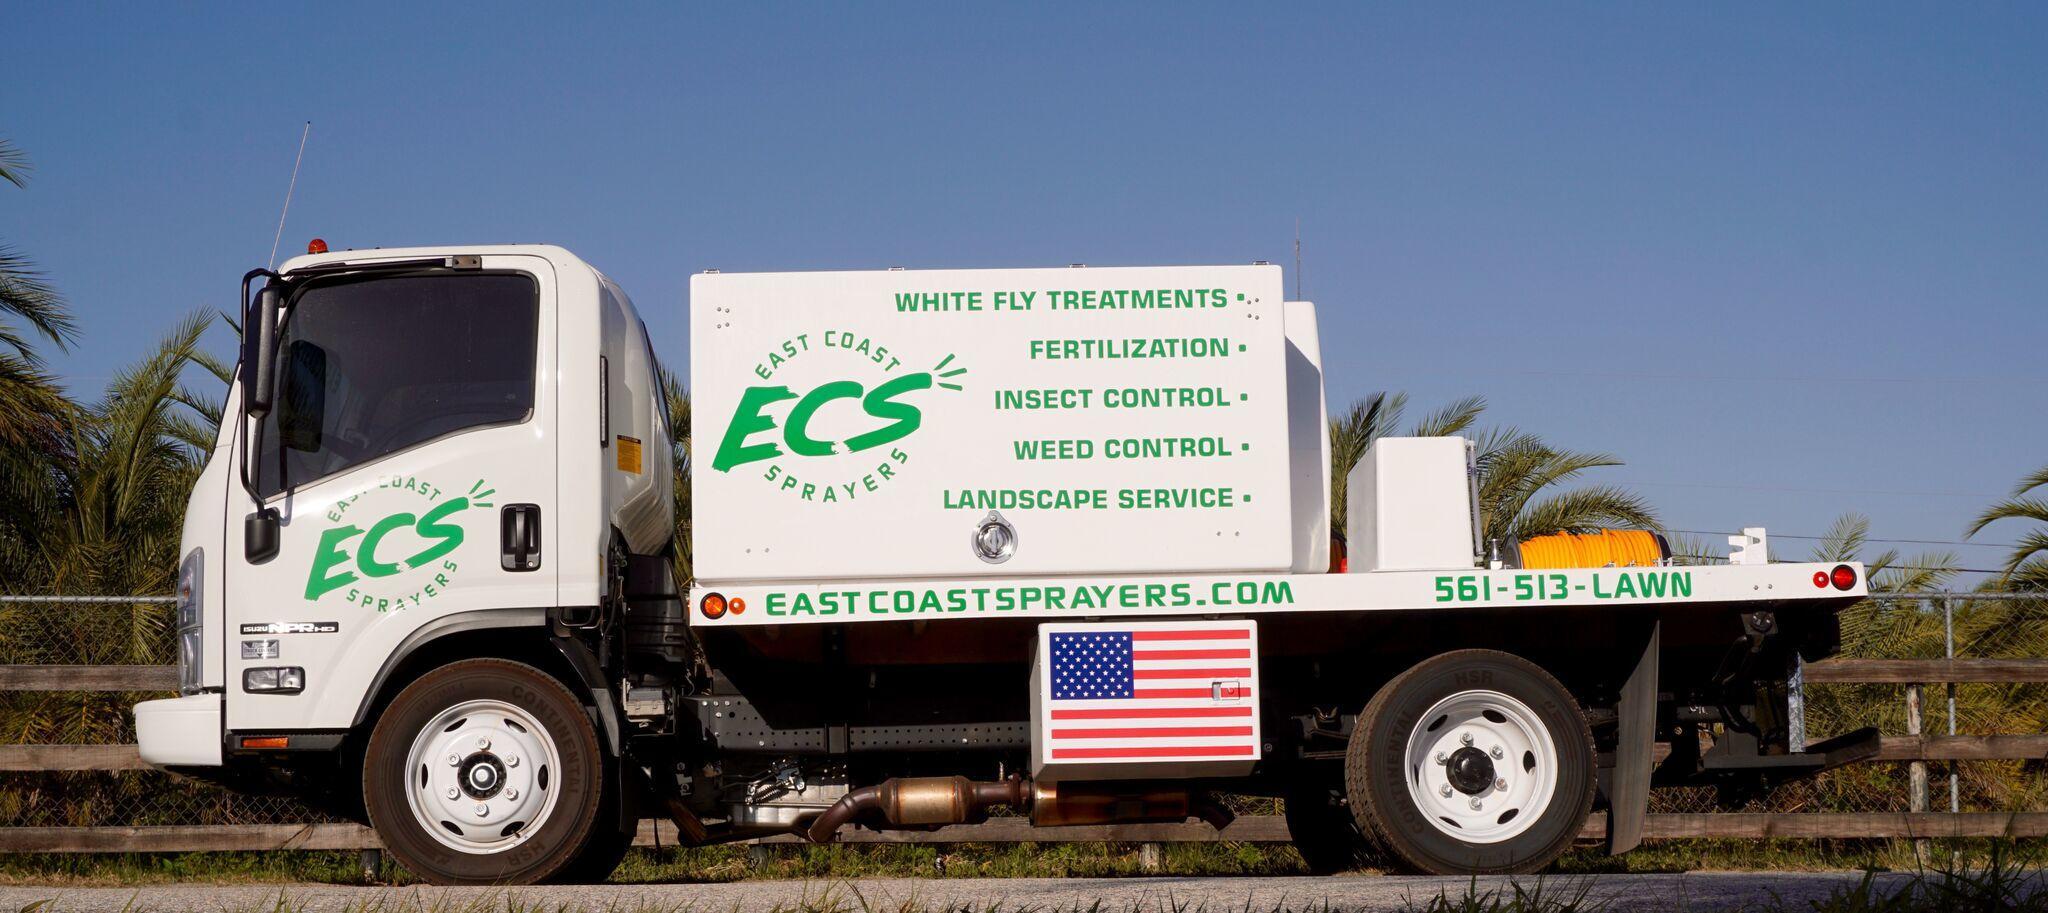 East Coast Sprayers image 2